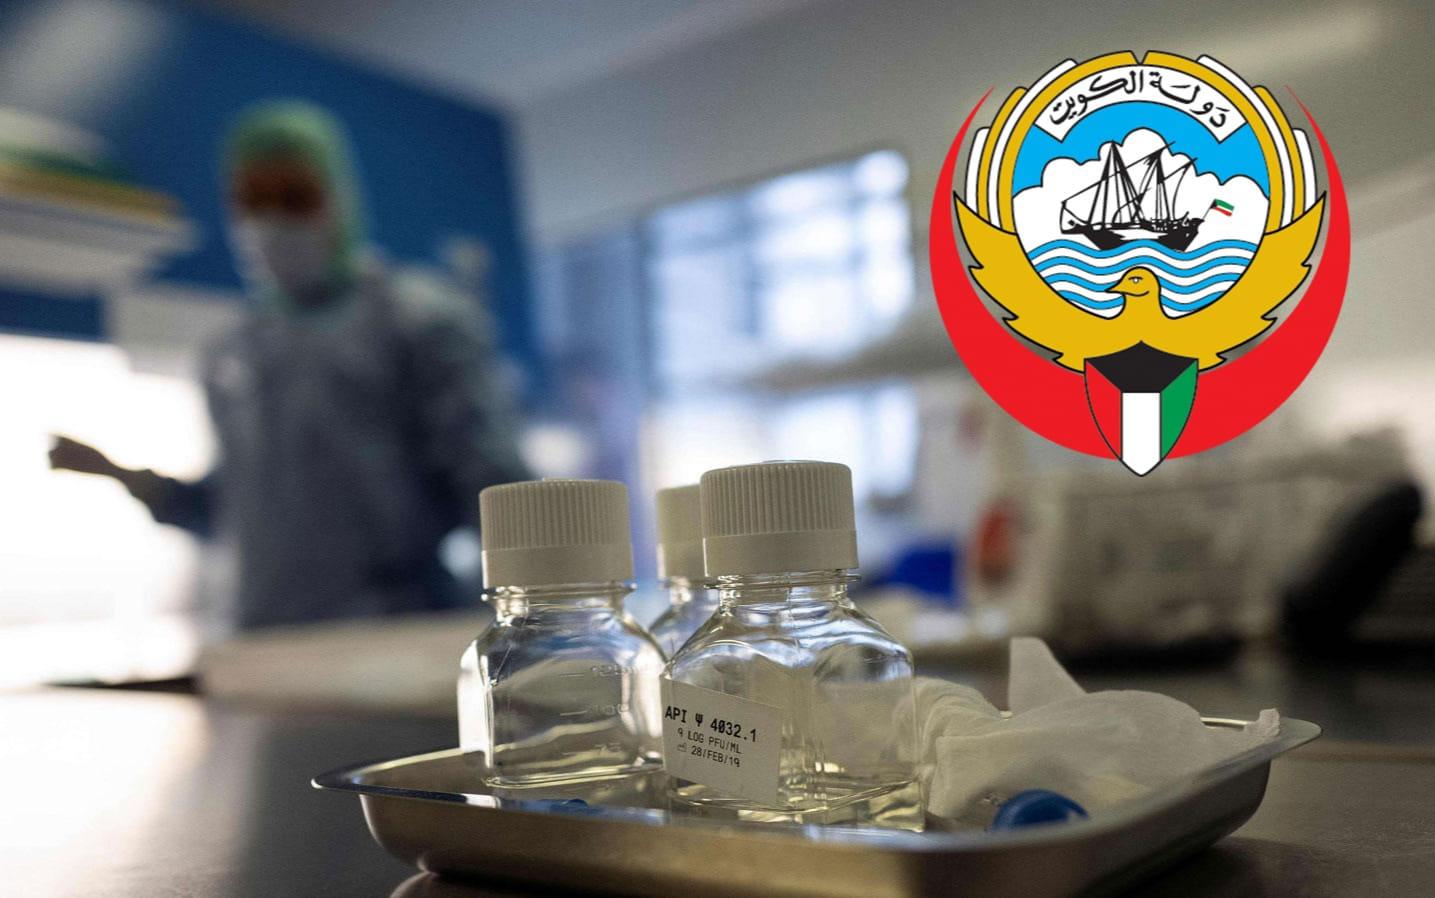 ٢٠٢١٠٢٢٤ ٢٠٢٨٠٢ - #الصحة: 1001 إصابة جديدة بكورونا.. والإجمالي 187,005  - 5 وفيات جديدة بالفيروس.. والإجمالي 1062  - شفاء 960 حالة.. وإجمالي المتعافين 175,048.  #العبدلي_نيوز